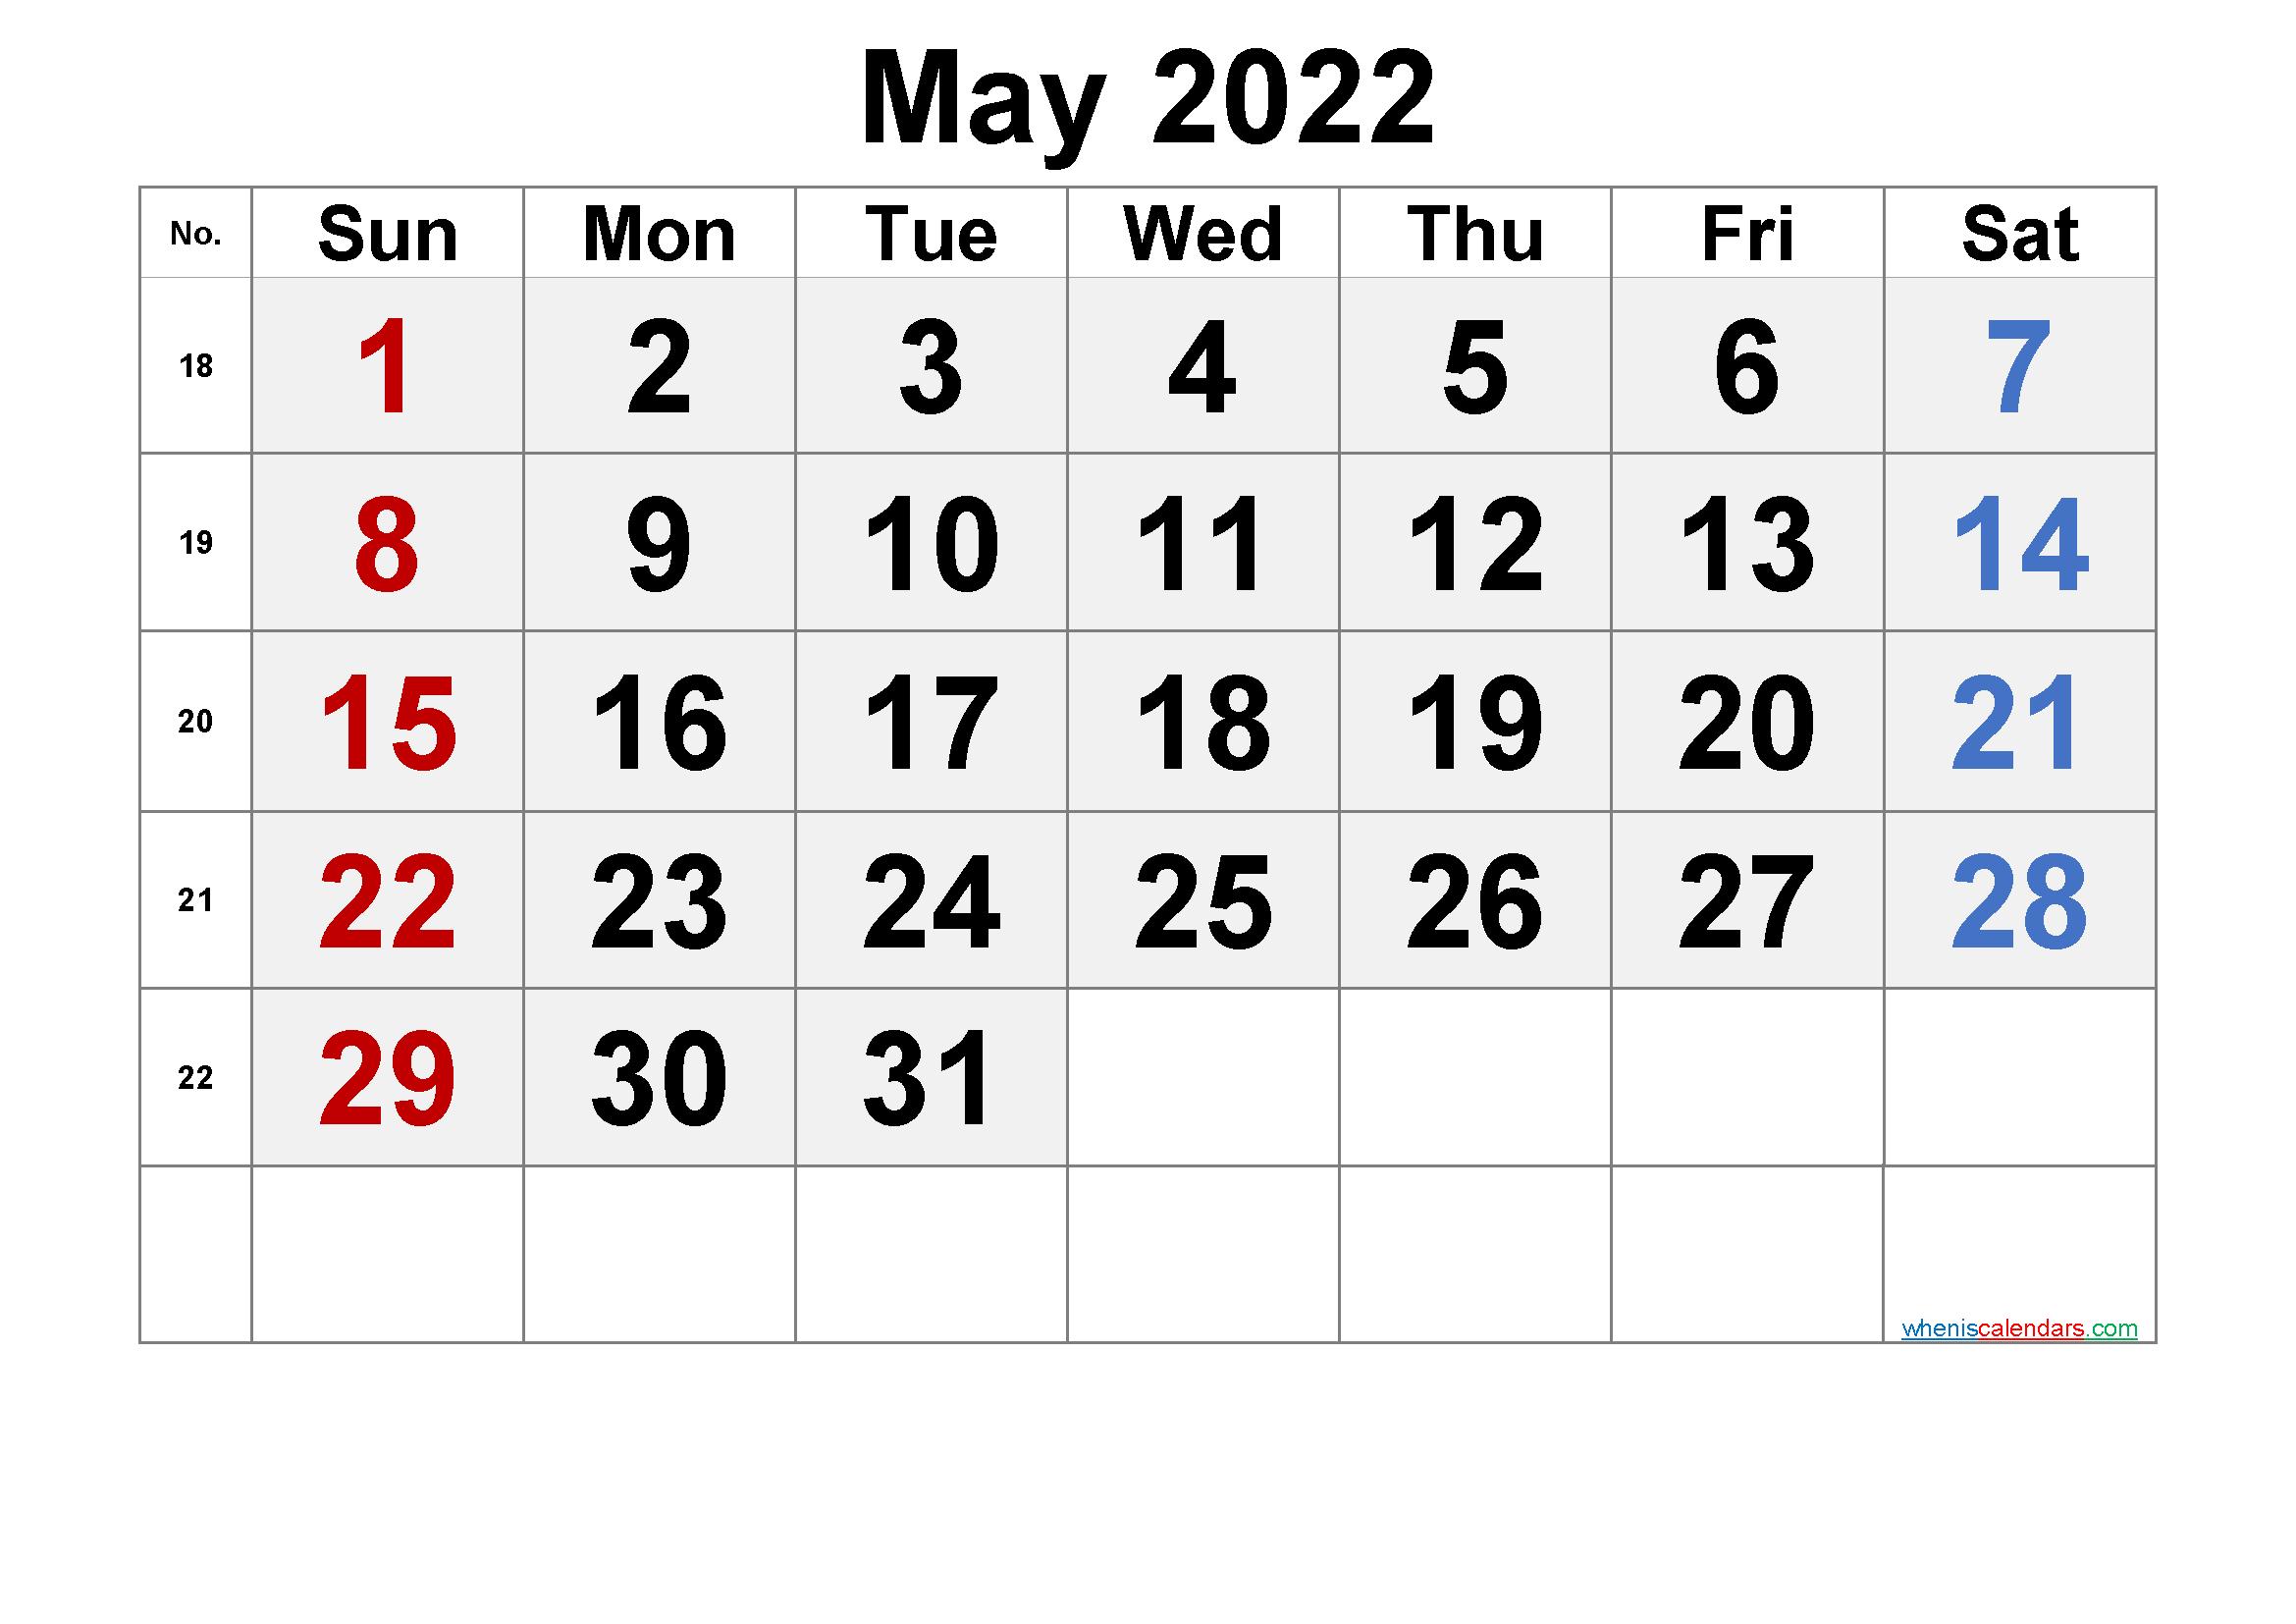 Printable Calendar May 2022 - 6 Templates - Free Printable within Printable Mayl 2022 Calendar Image